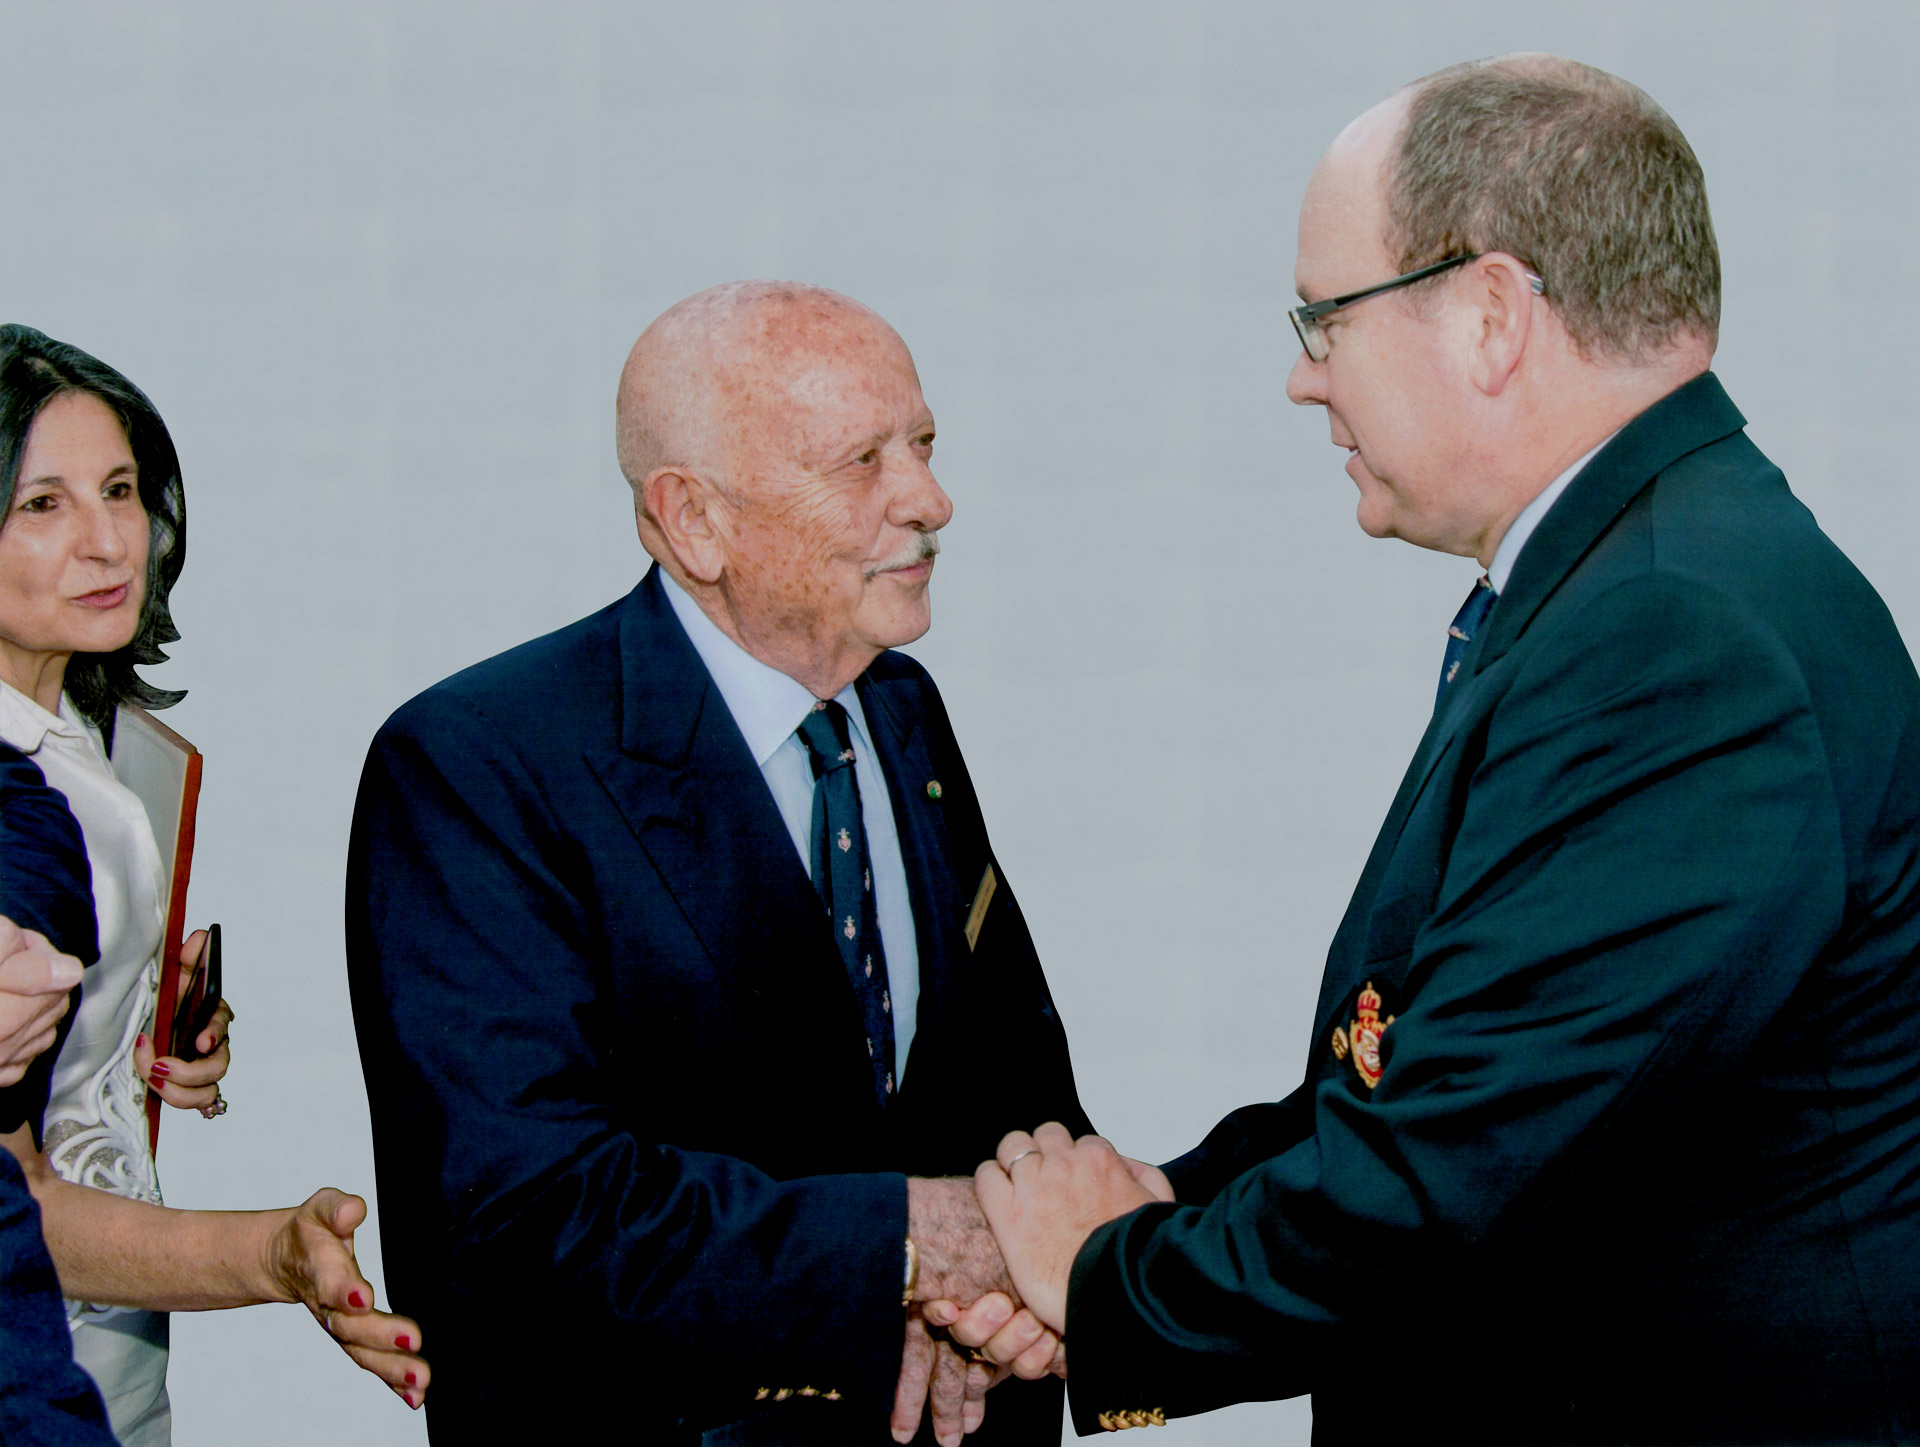 E.B. con Sua Altezza Reale il Principe Alberto di Monaco